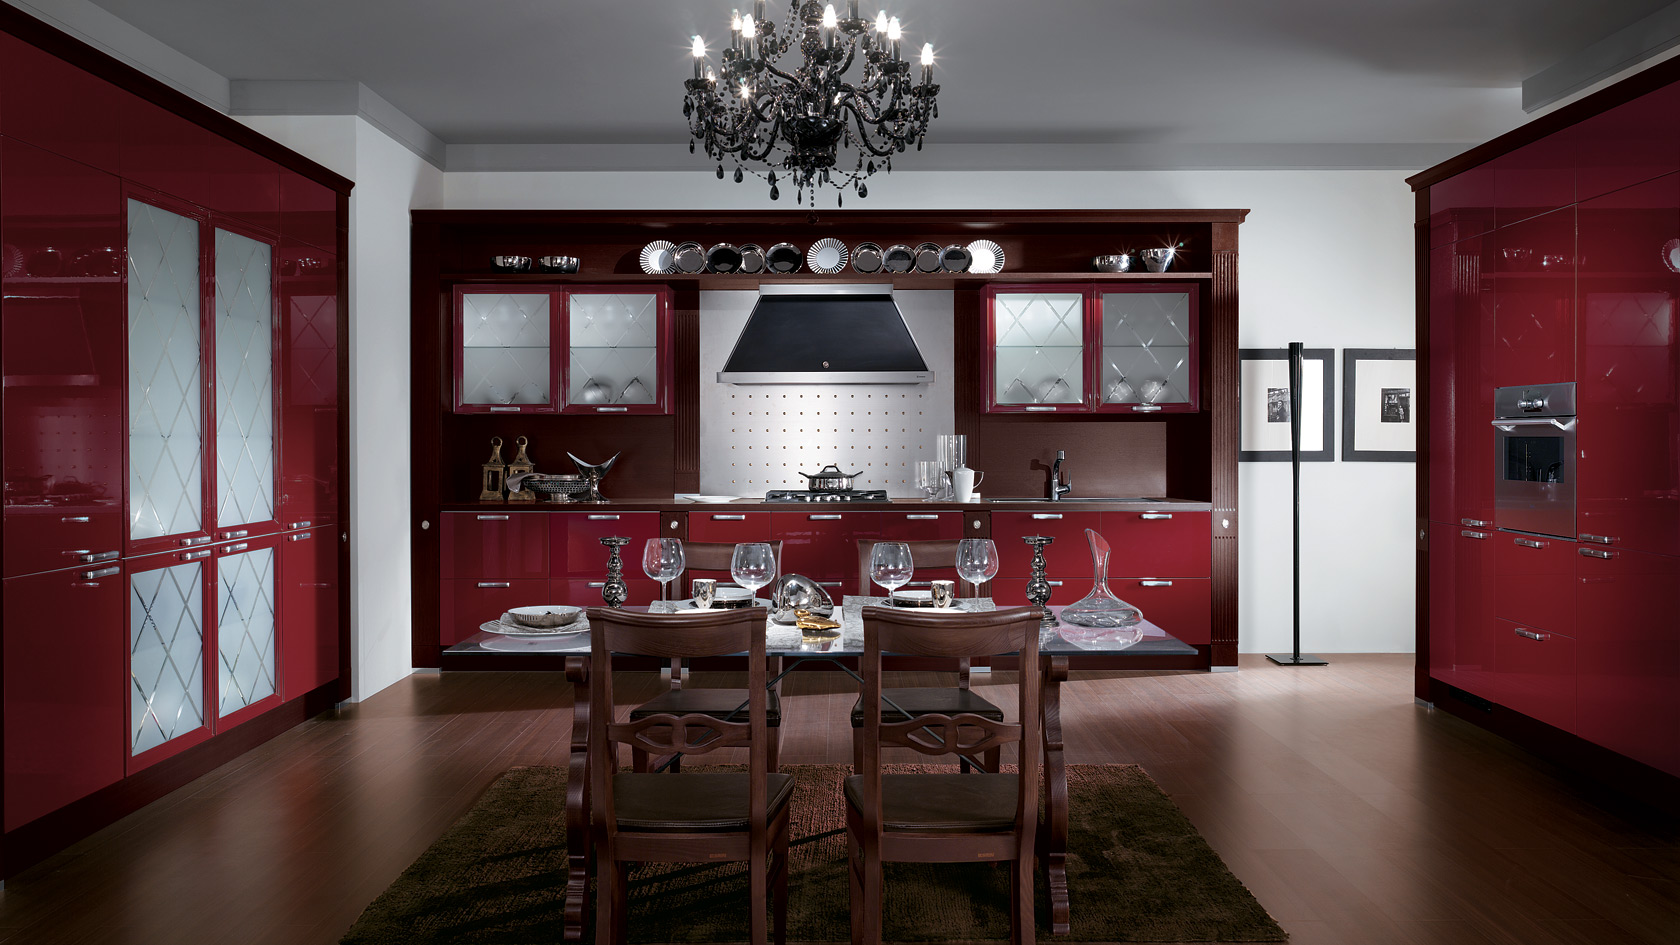 Cucina rossa e grigia: 15 idee accattivanti che vi ispireranno!